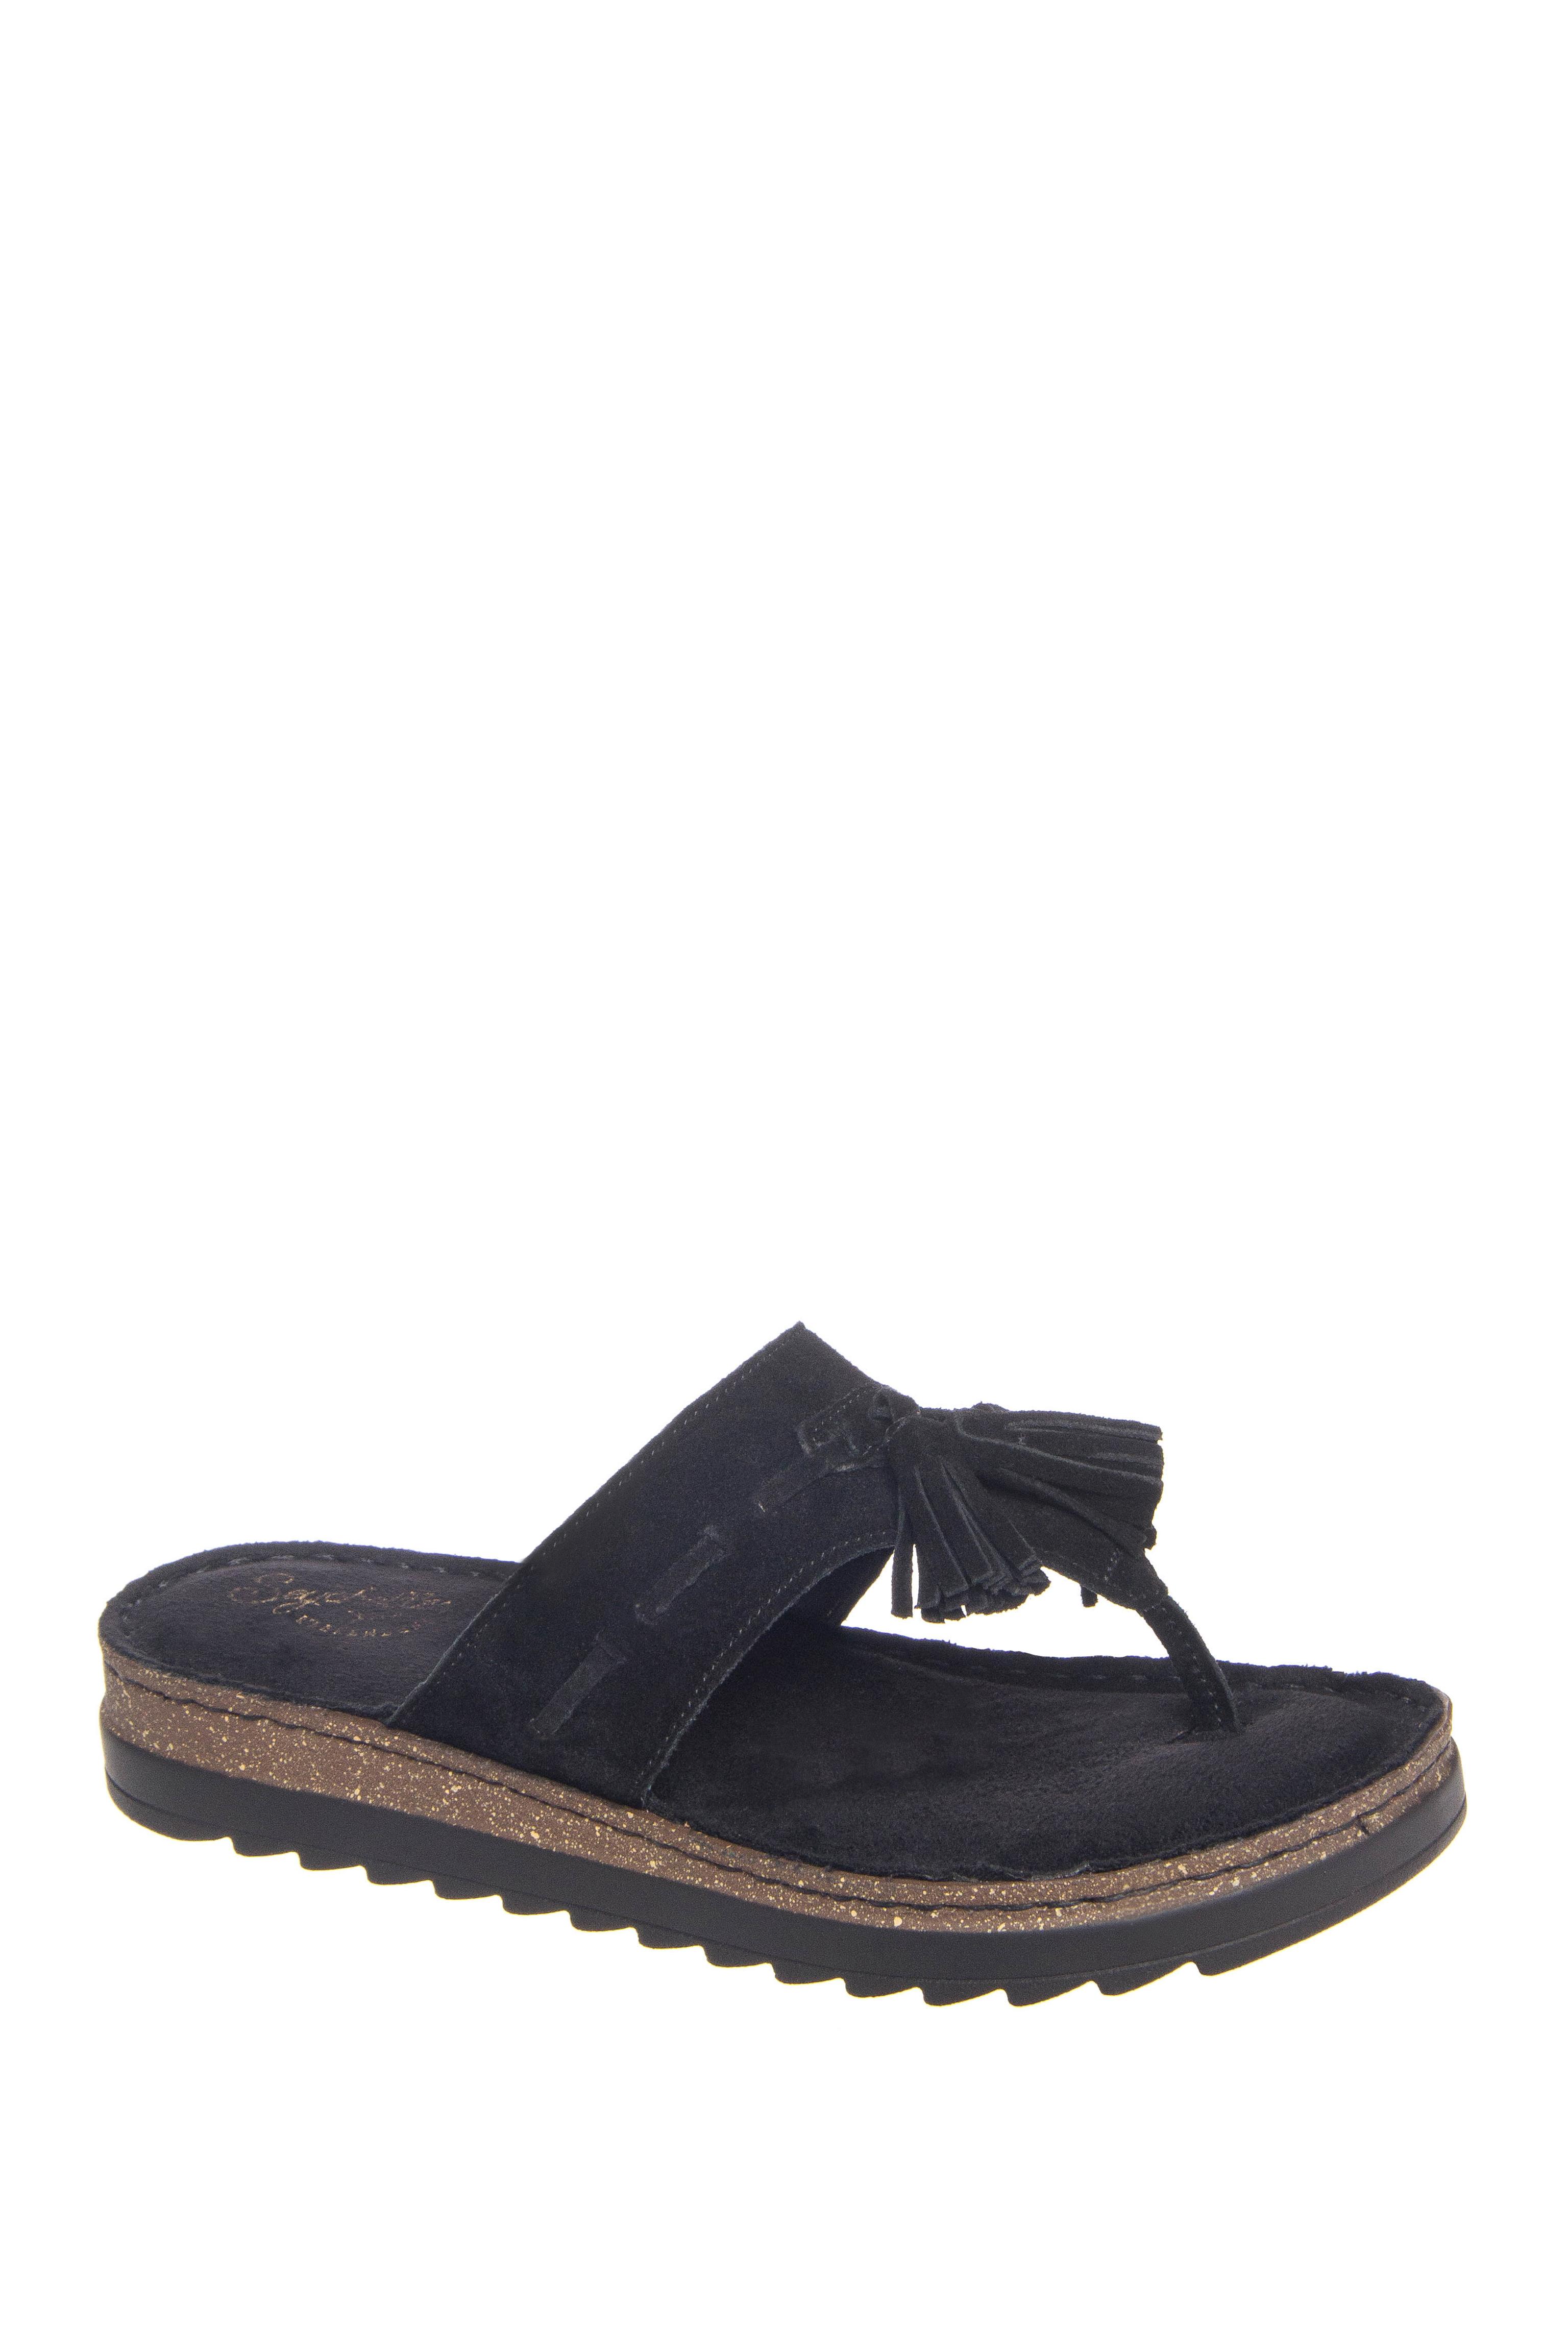 Seychelles Hazel Peep Toe Ankle Strap Low Heels - Black Suede